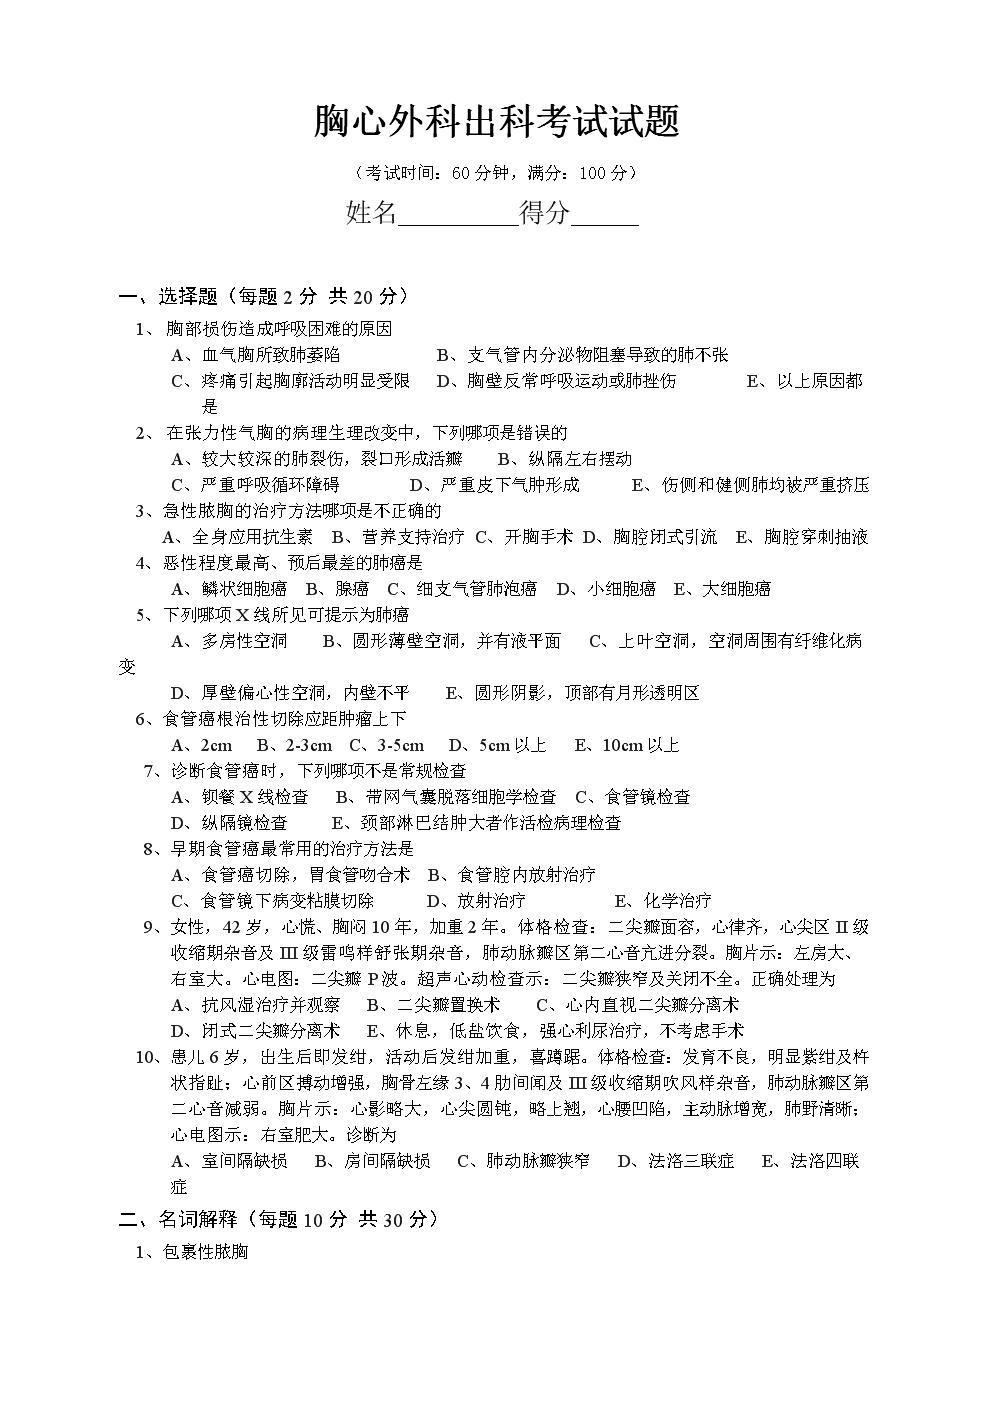 胸心外科出科考试试题.doc